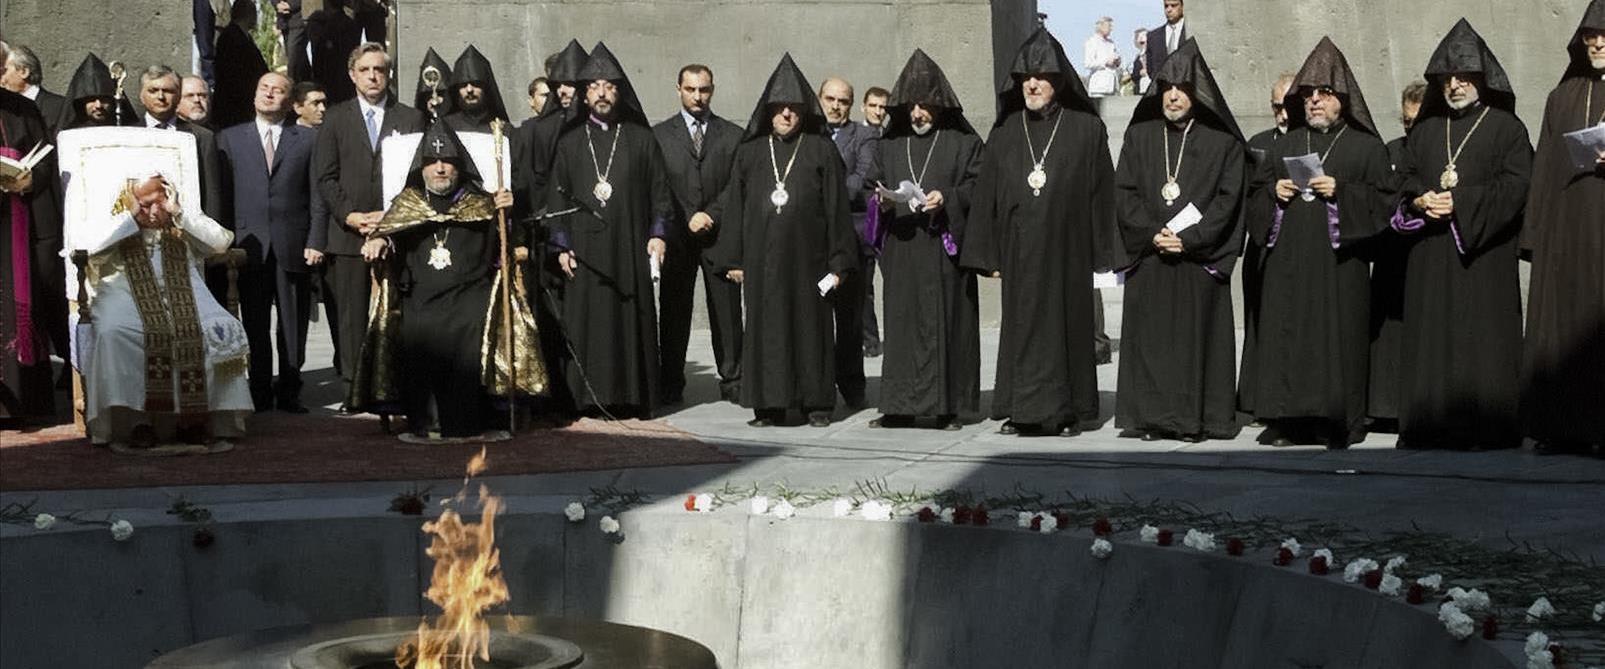 המוזיאון לרצח העם הארמני בבירת ארמניה